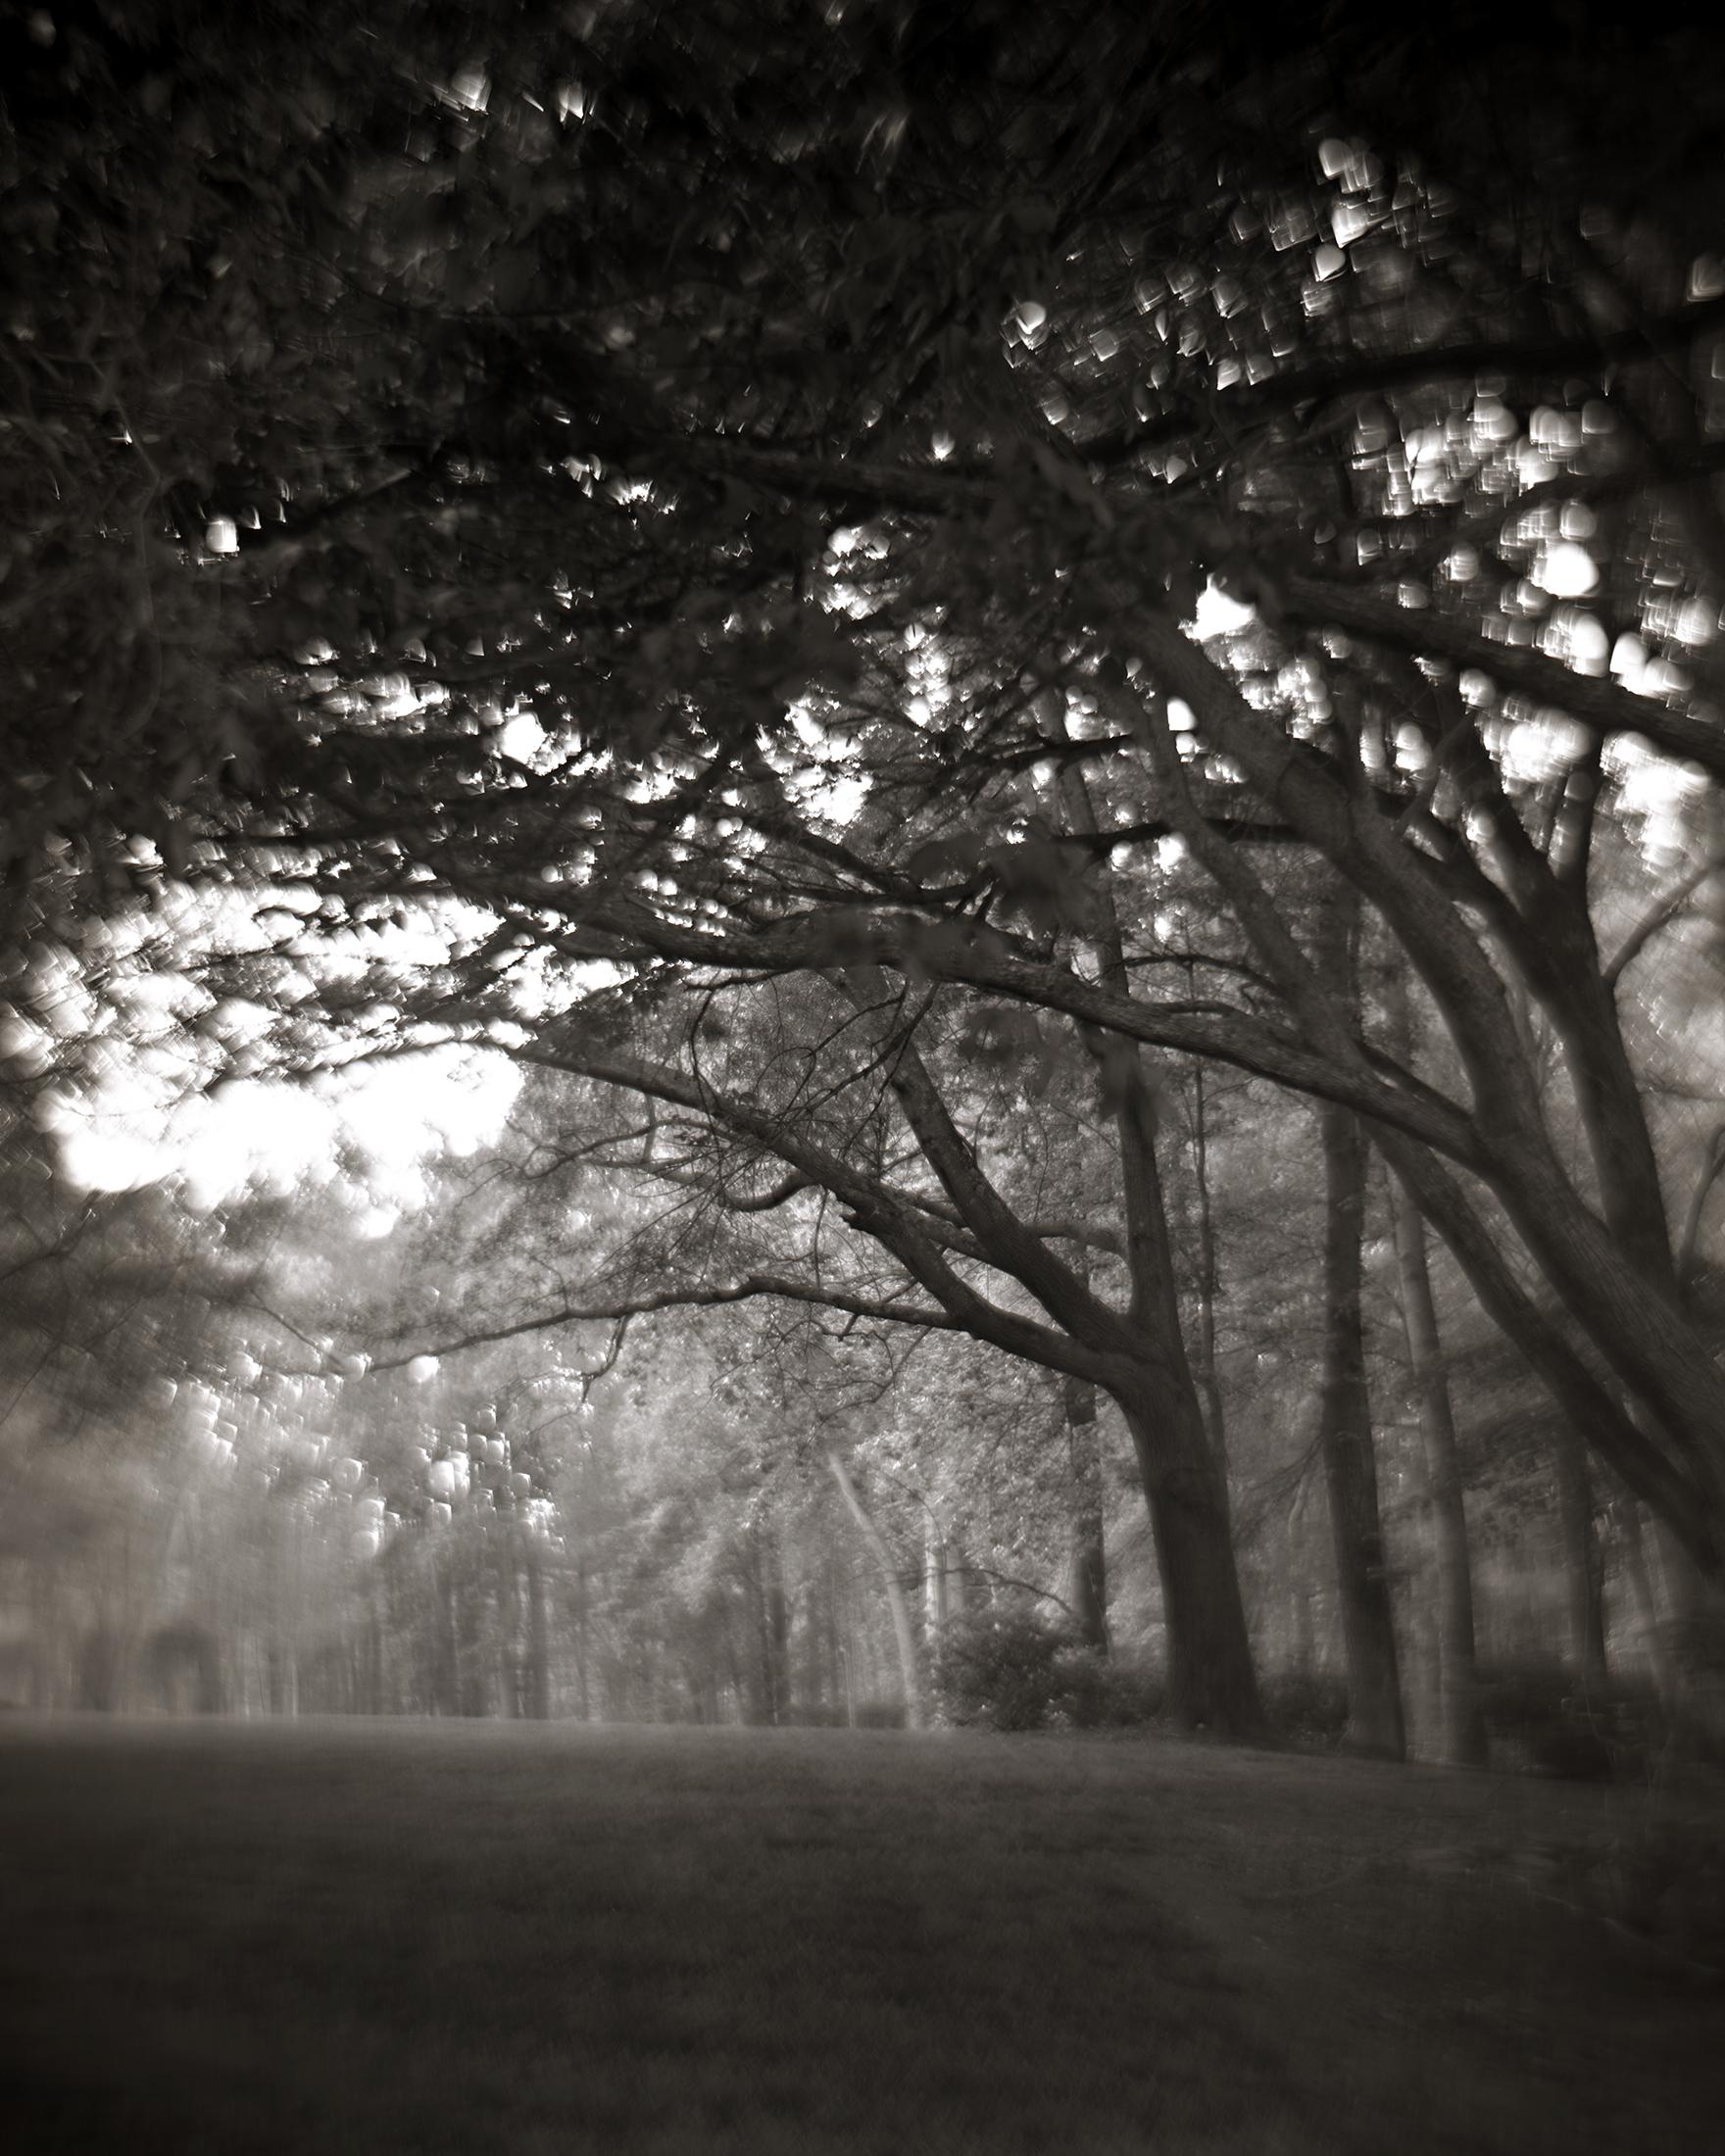 TREES BENDING TOWARDS THE LIGHT